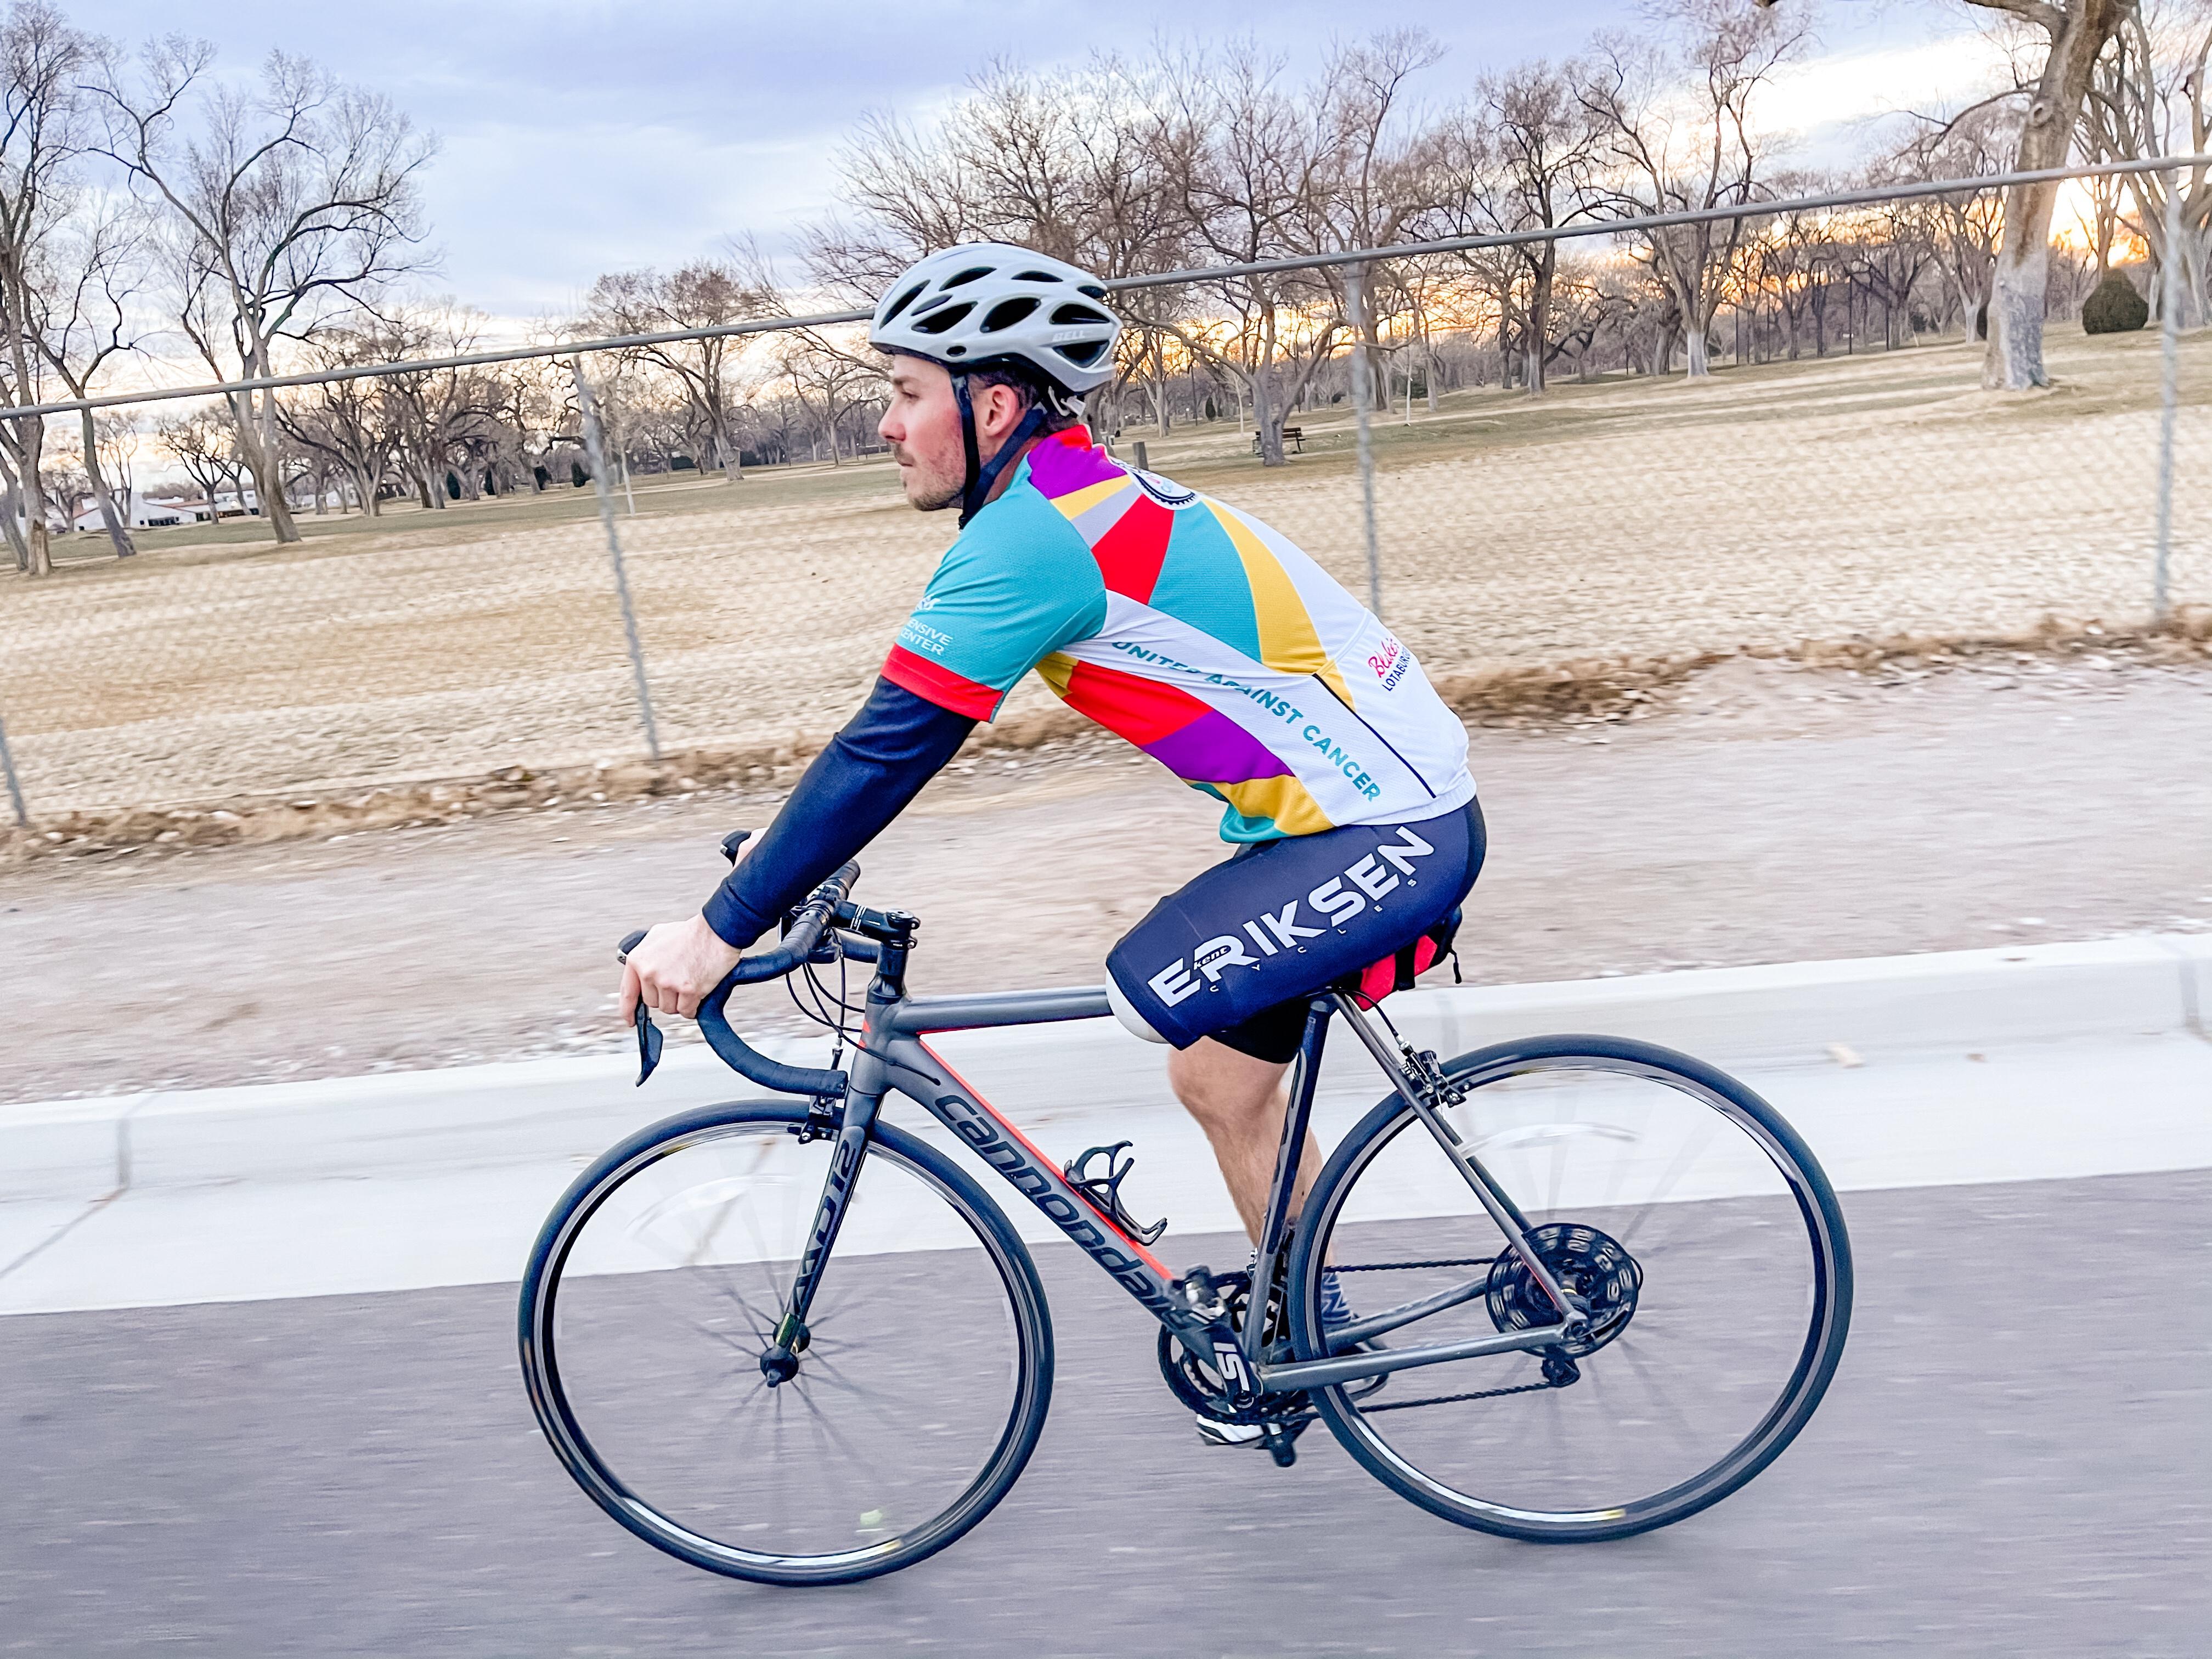 lcc-biking.jpg